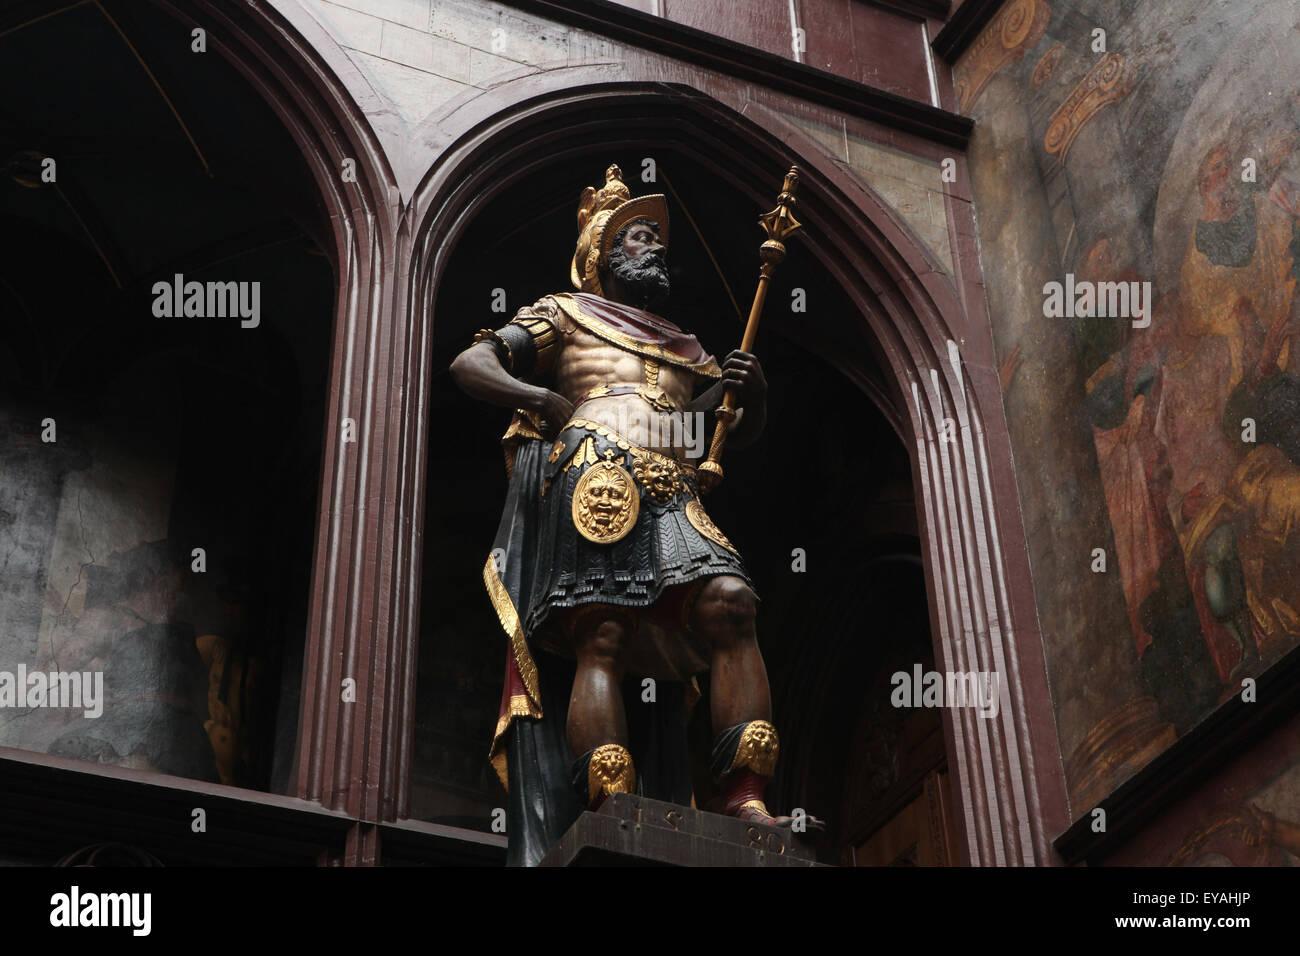 Coloured statue of Roman consul Lucius Munatius Plancus in the atrium of the Rathaus Basel in Basel, Switzerland. Stock Photo